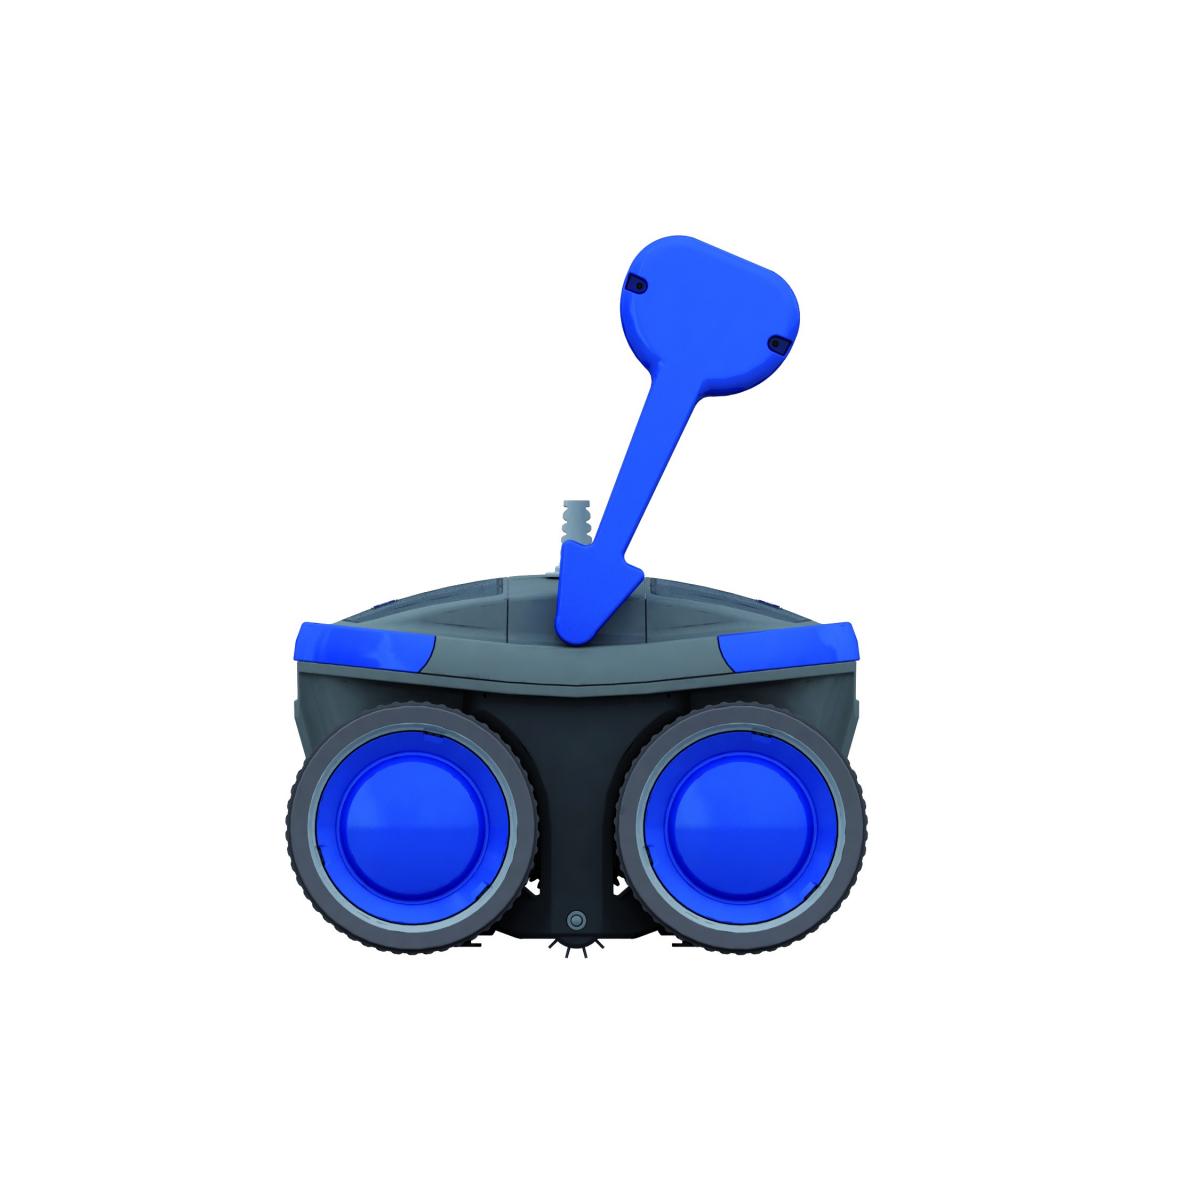 Robot limpiafondos R5 para suelo y pared Limpieza de piscinas